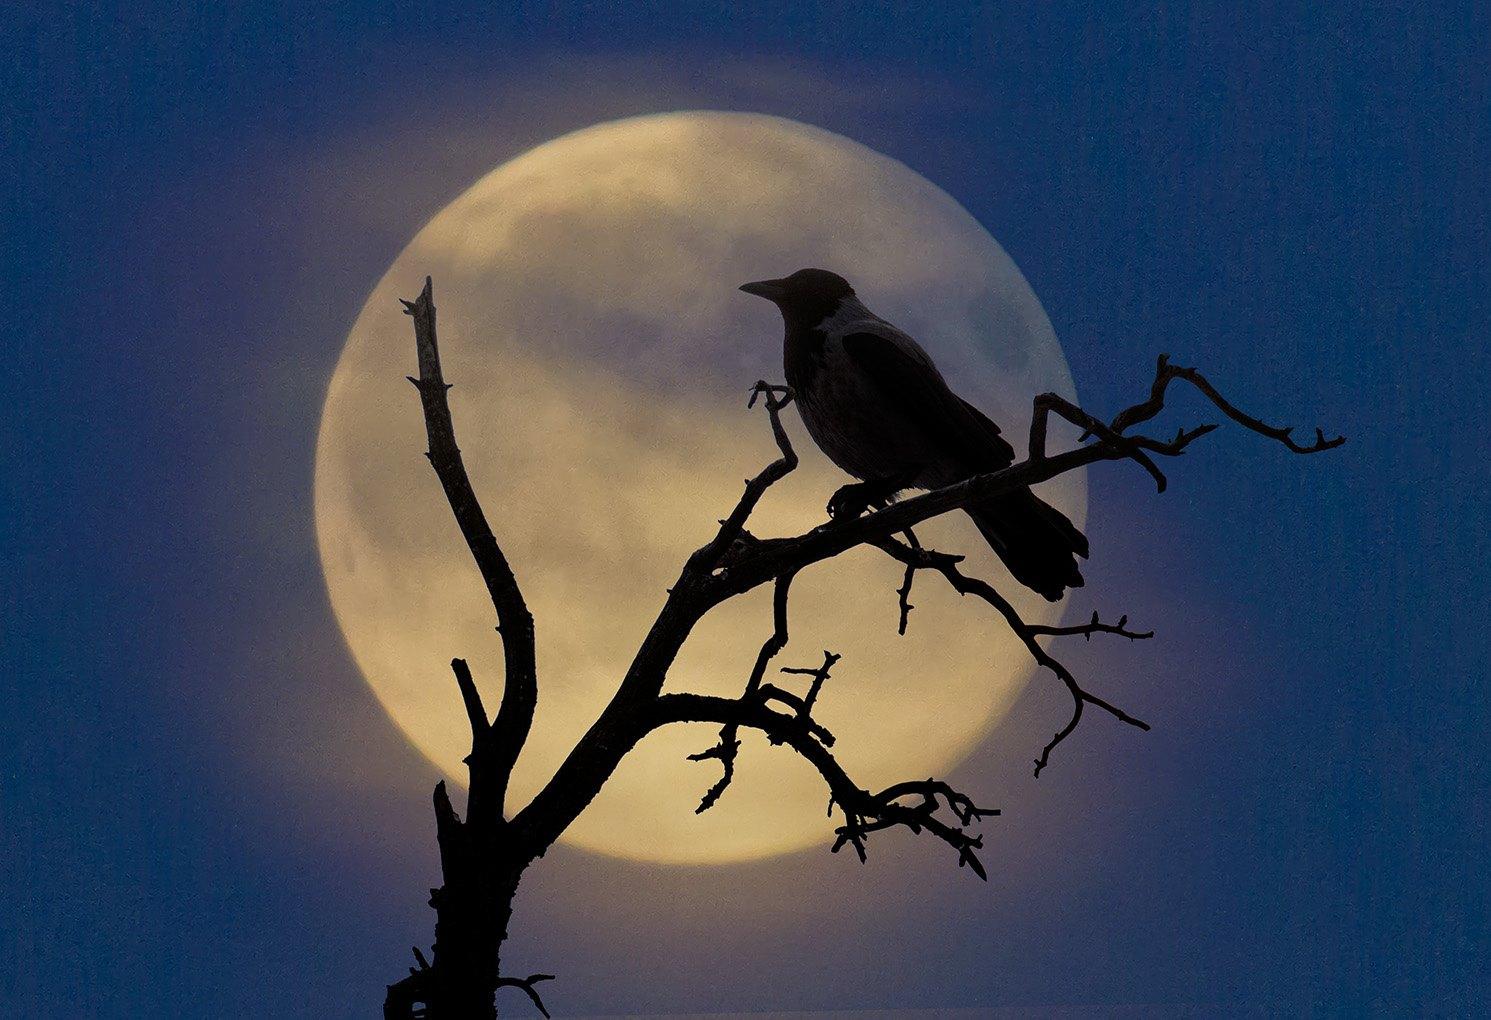 отмечают недостаточный картинка ворон на фоне луны коробки главными